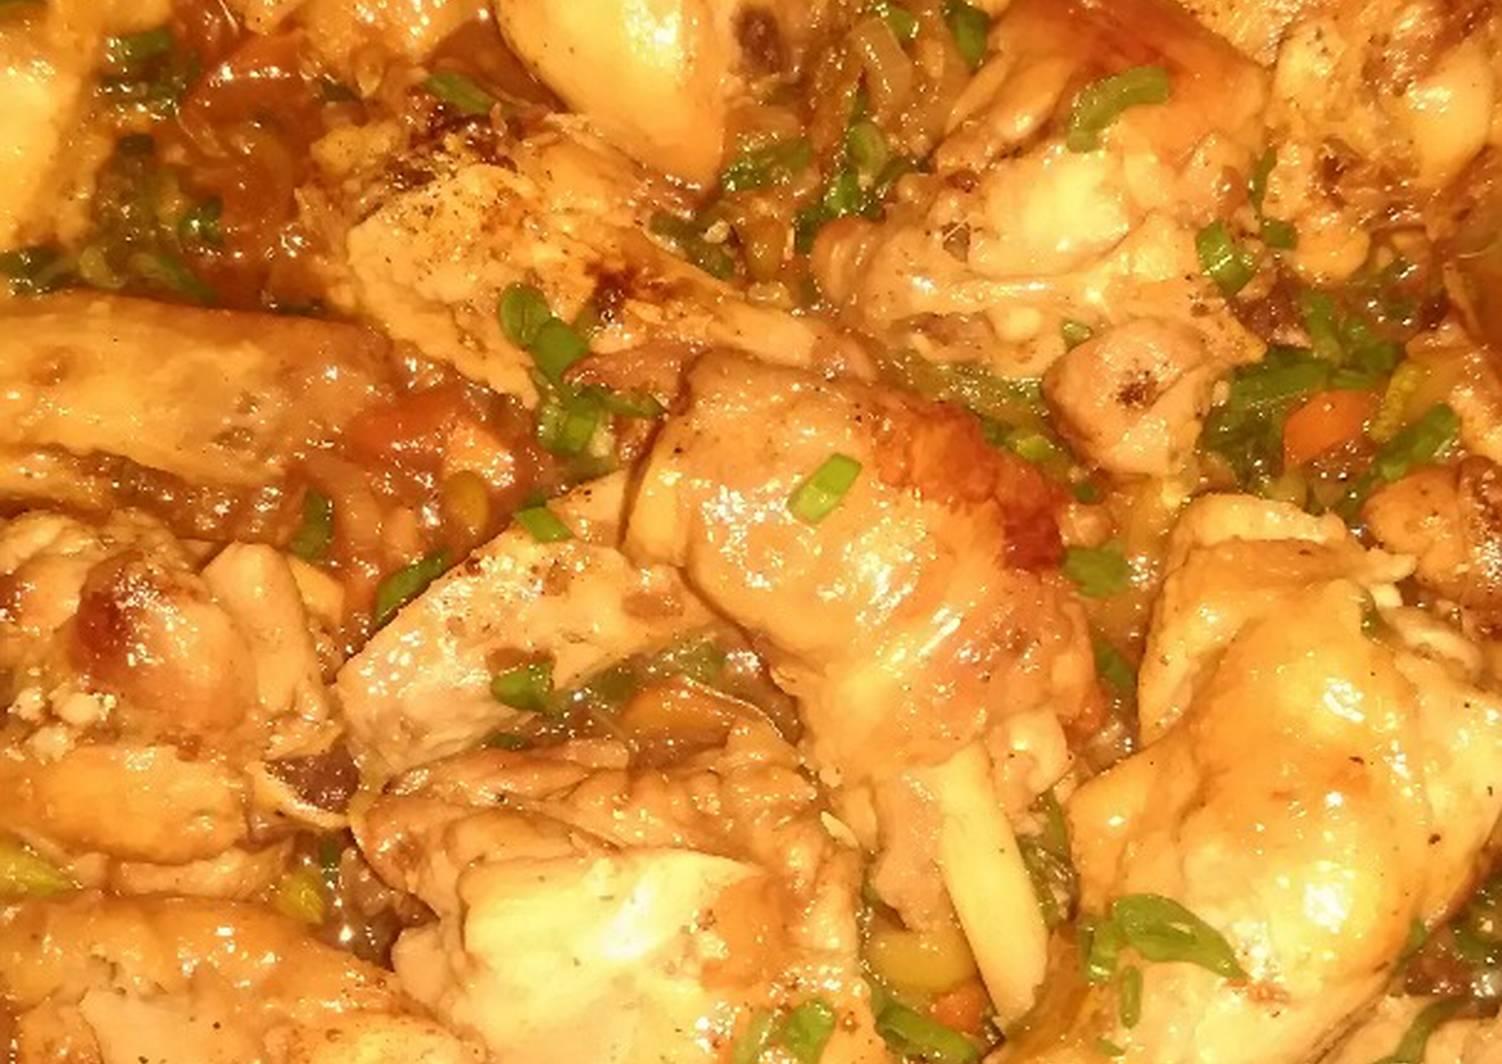 питания курица соевом соусе рецепты с фото всей души примите